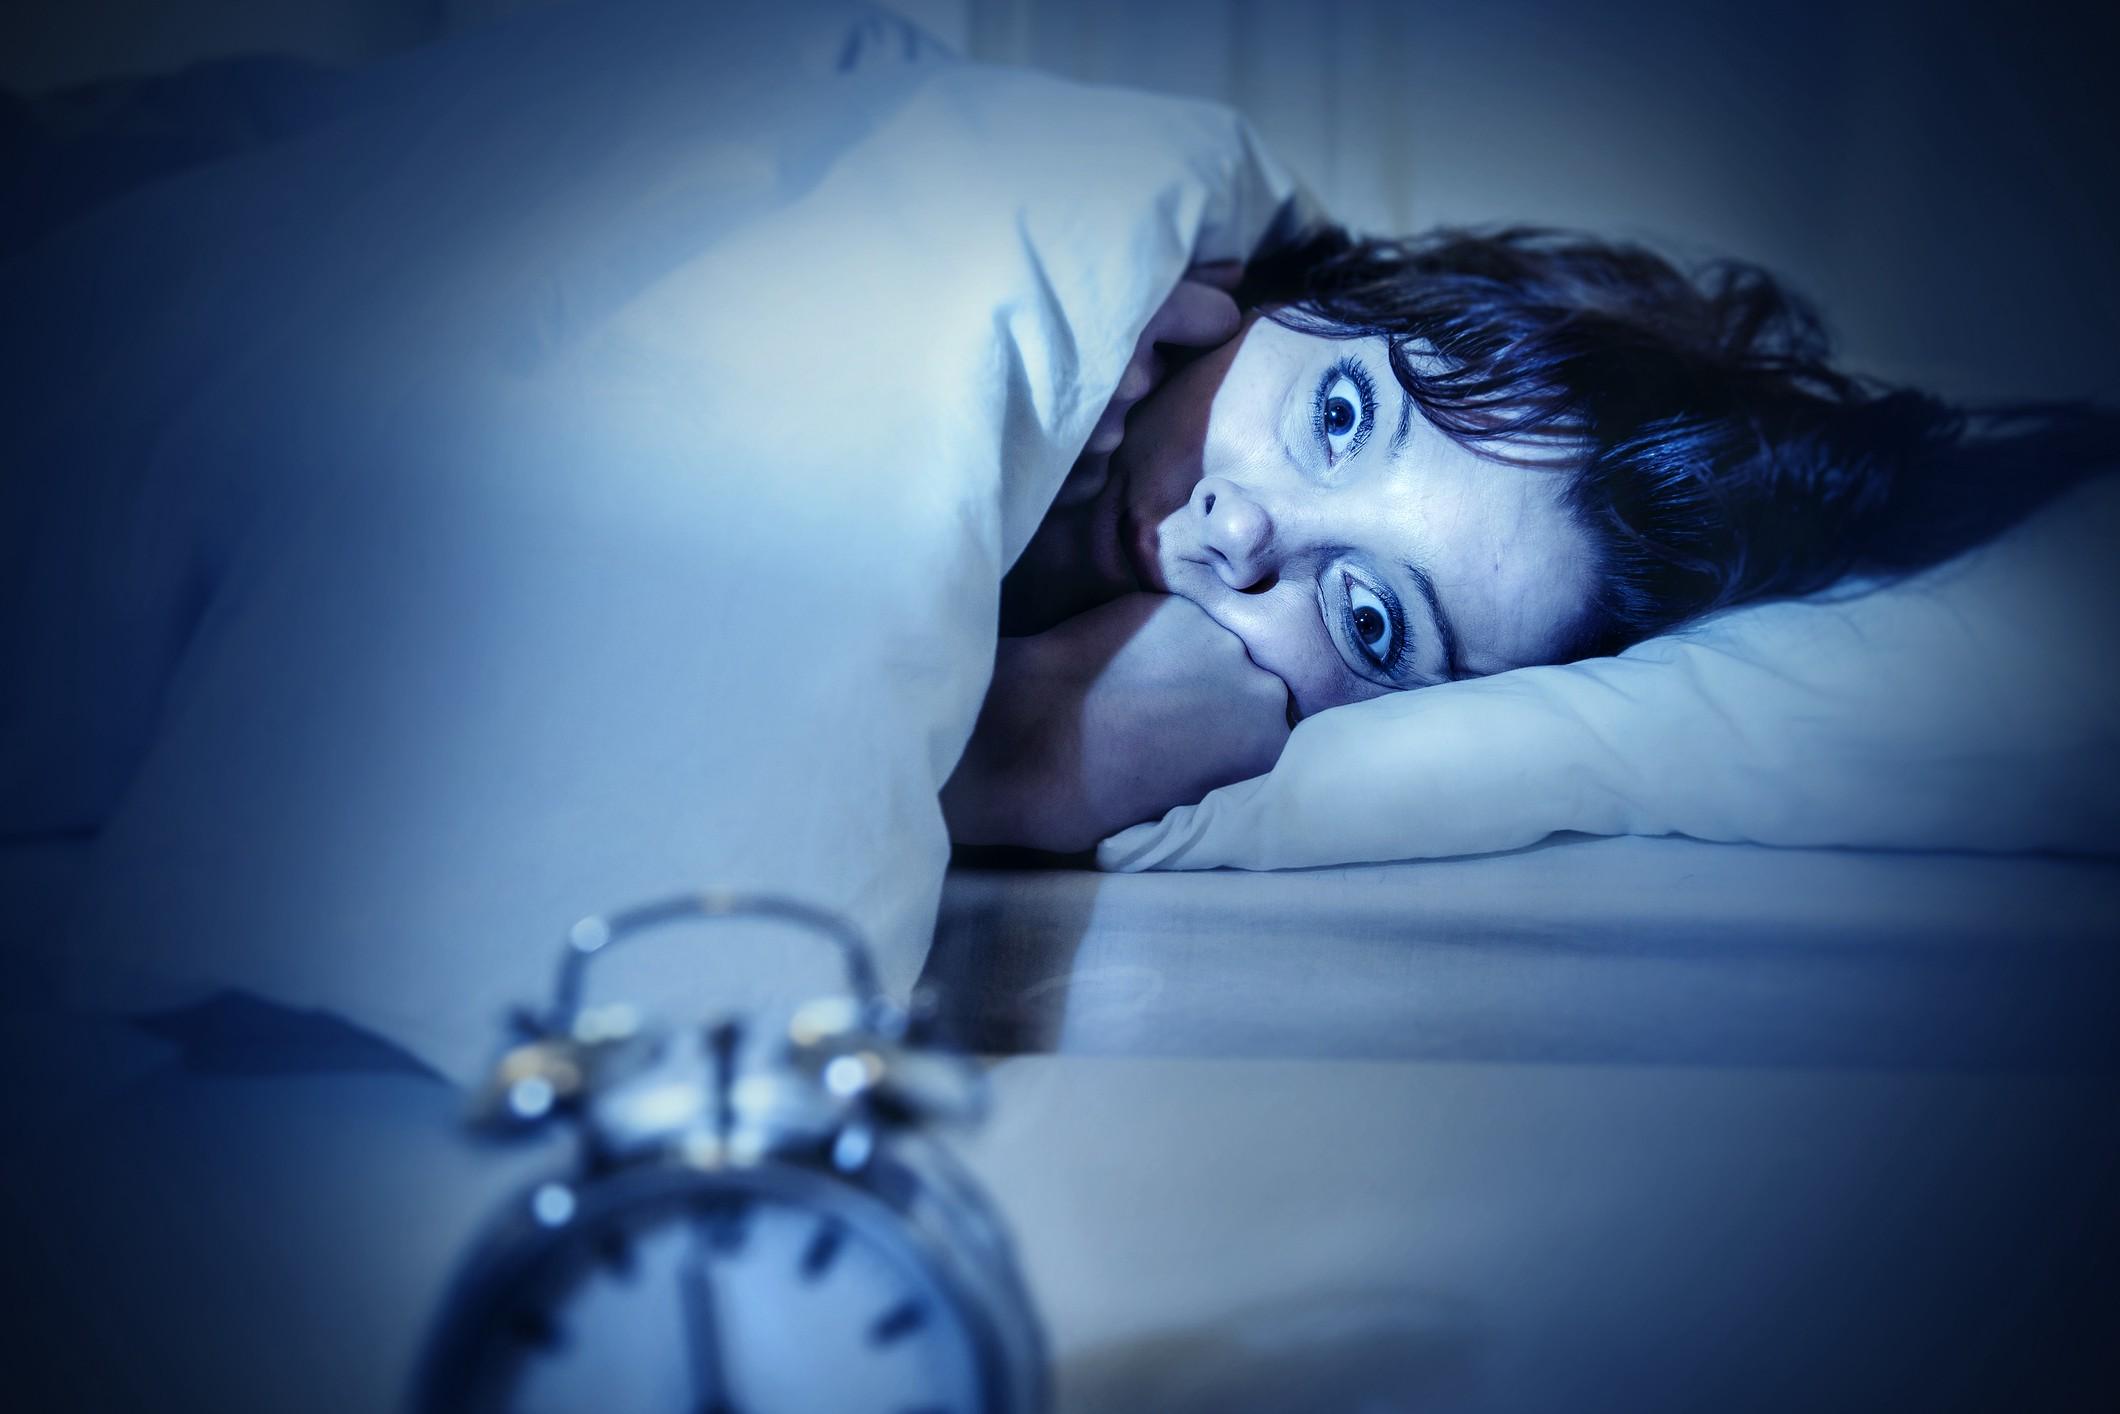 Hình ảnh khó ngủ mắt trợn trừng